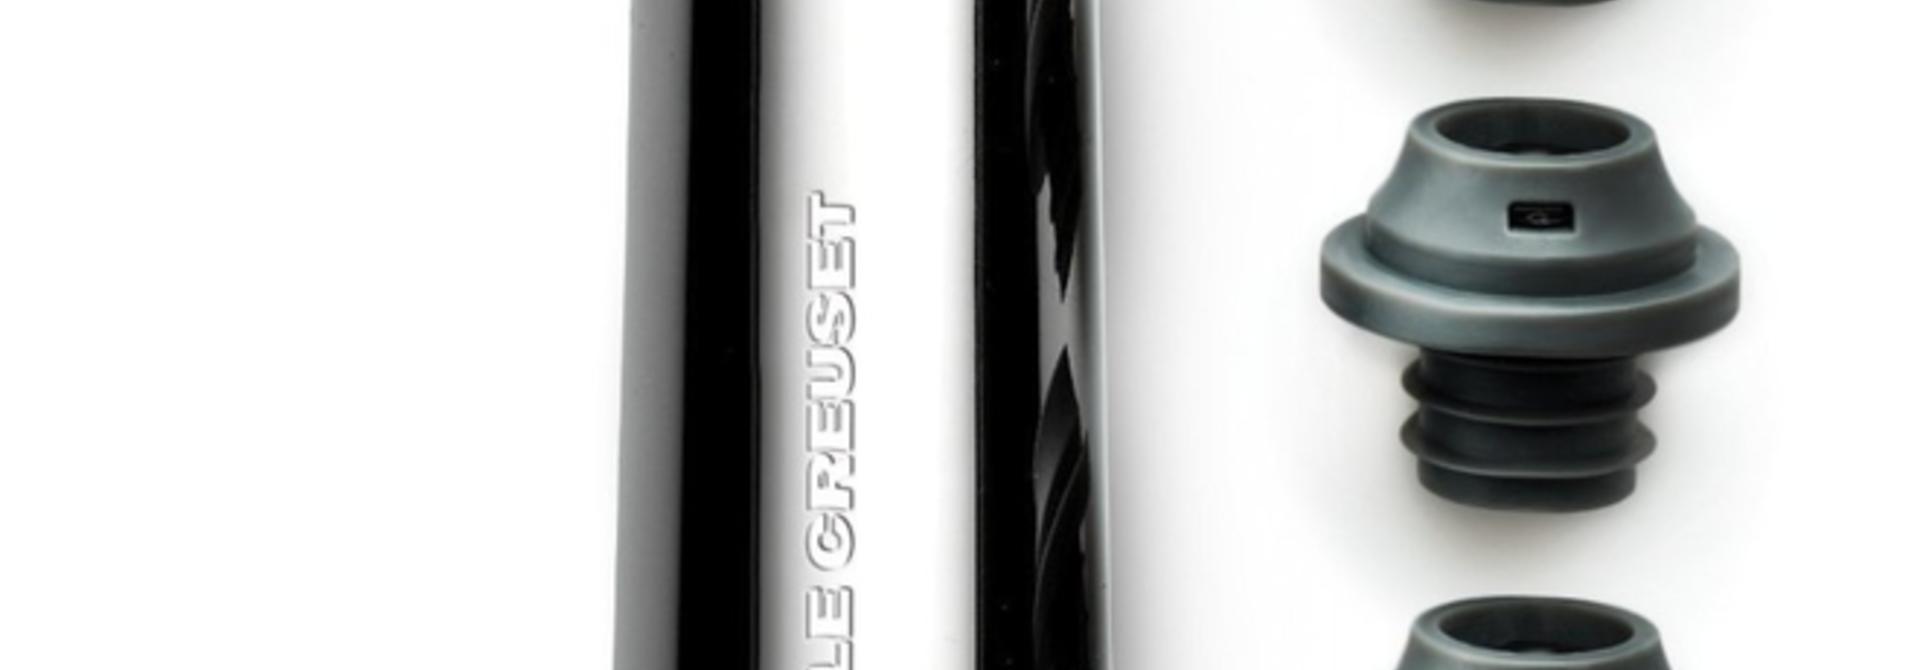 LECREUSET - Black Nickel Wine Pump